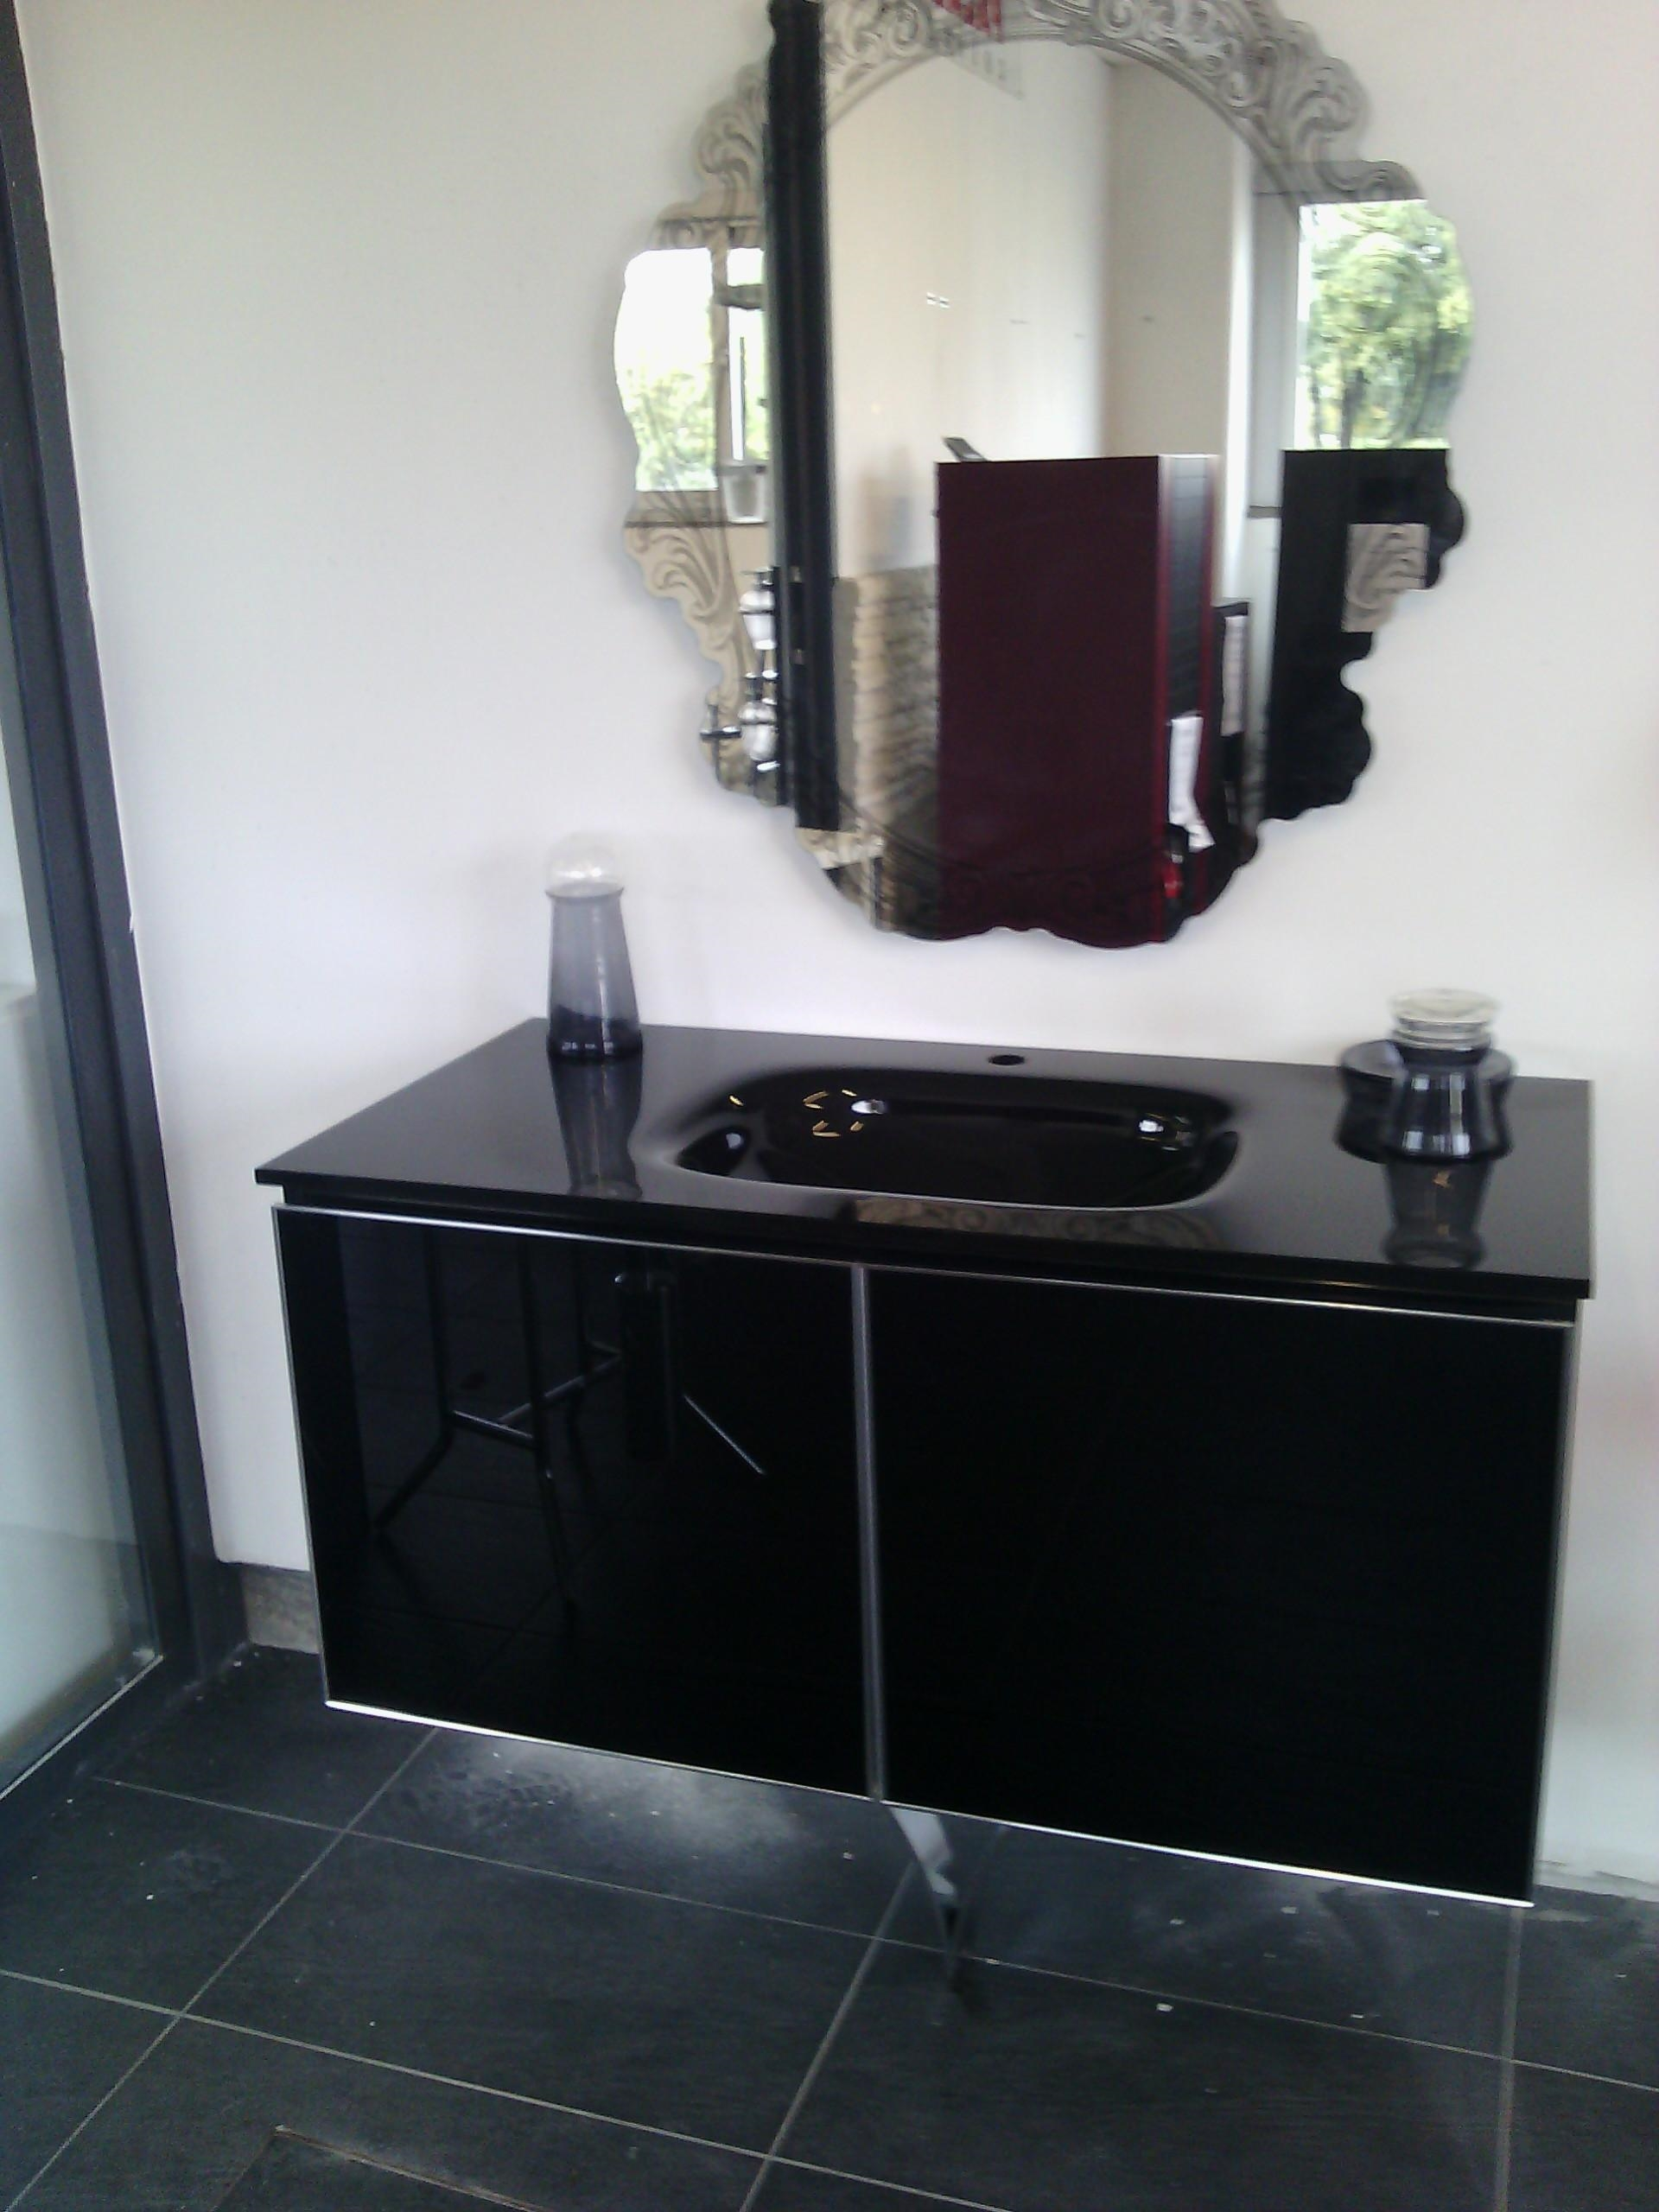 Offerta mobile da bagno onix nero lucido con top in vetro - Offerta mobile bagno ...